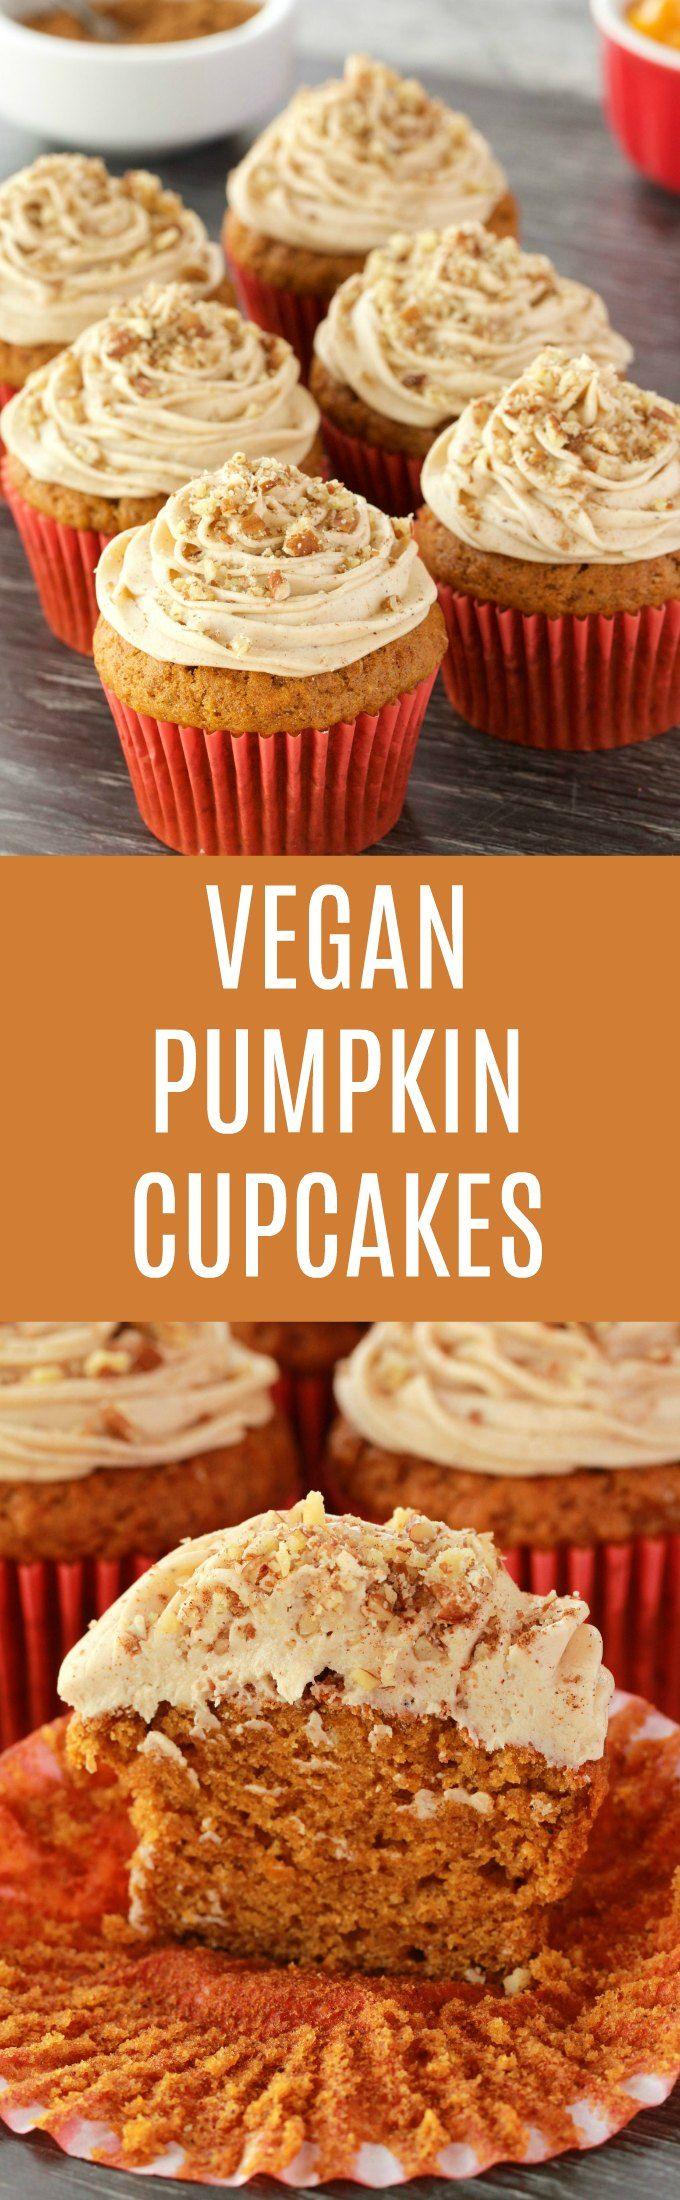 Vegan Pumpkin Cupcakes - Yum!